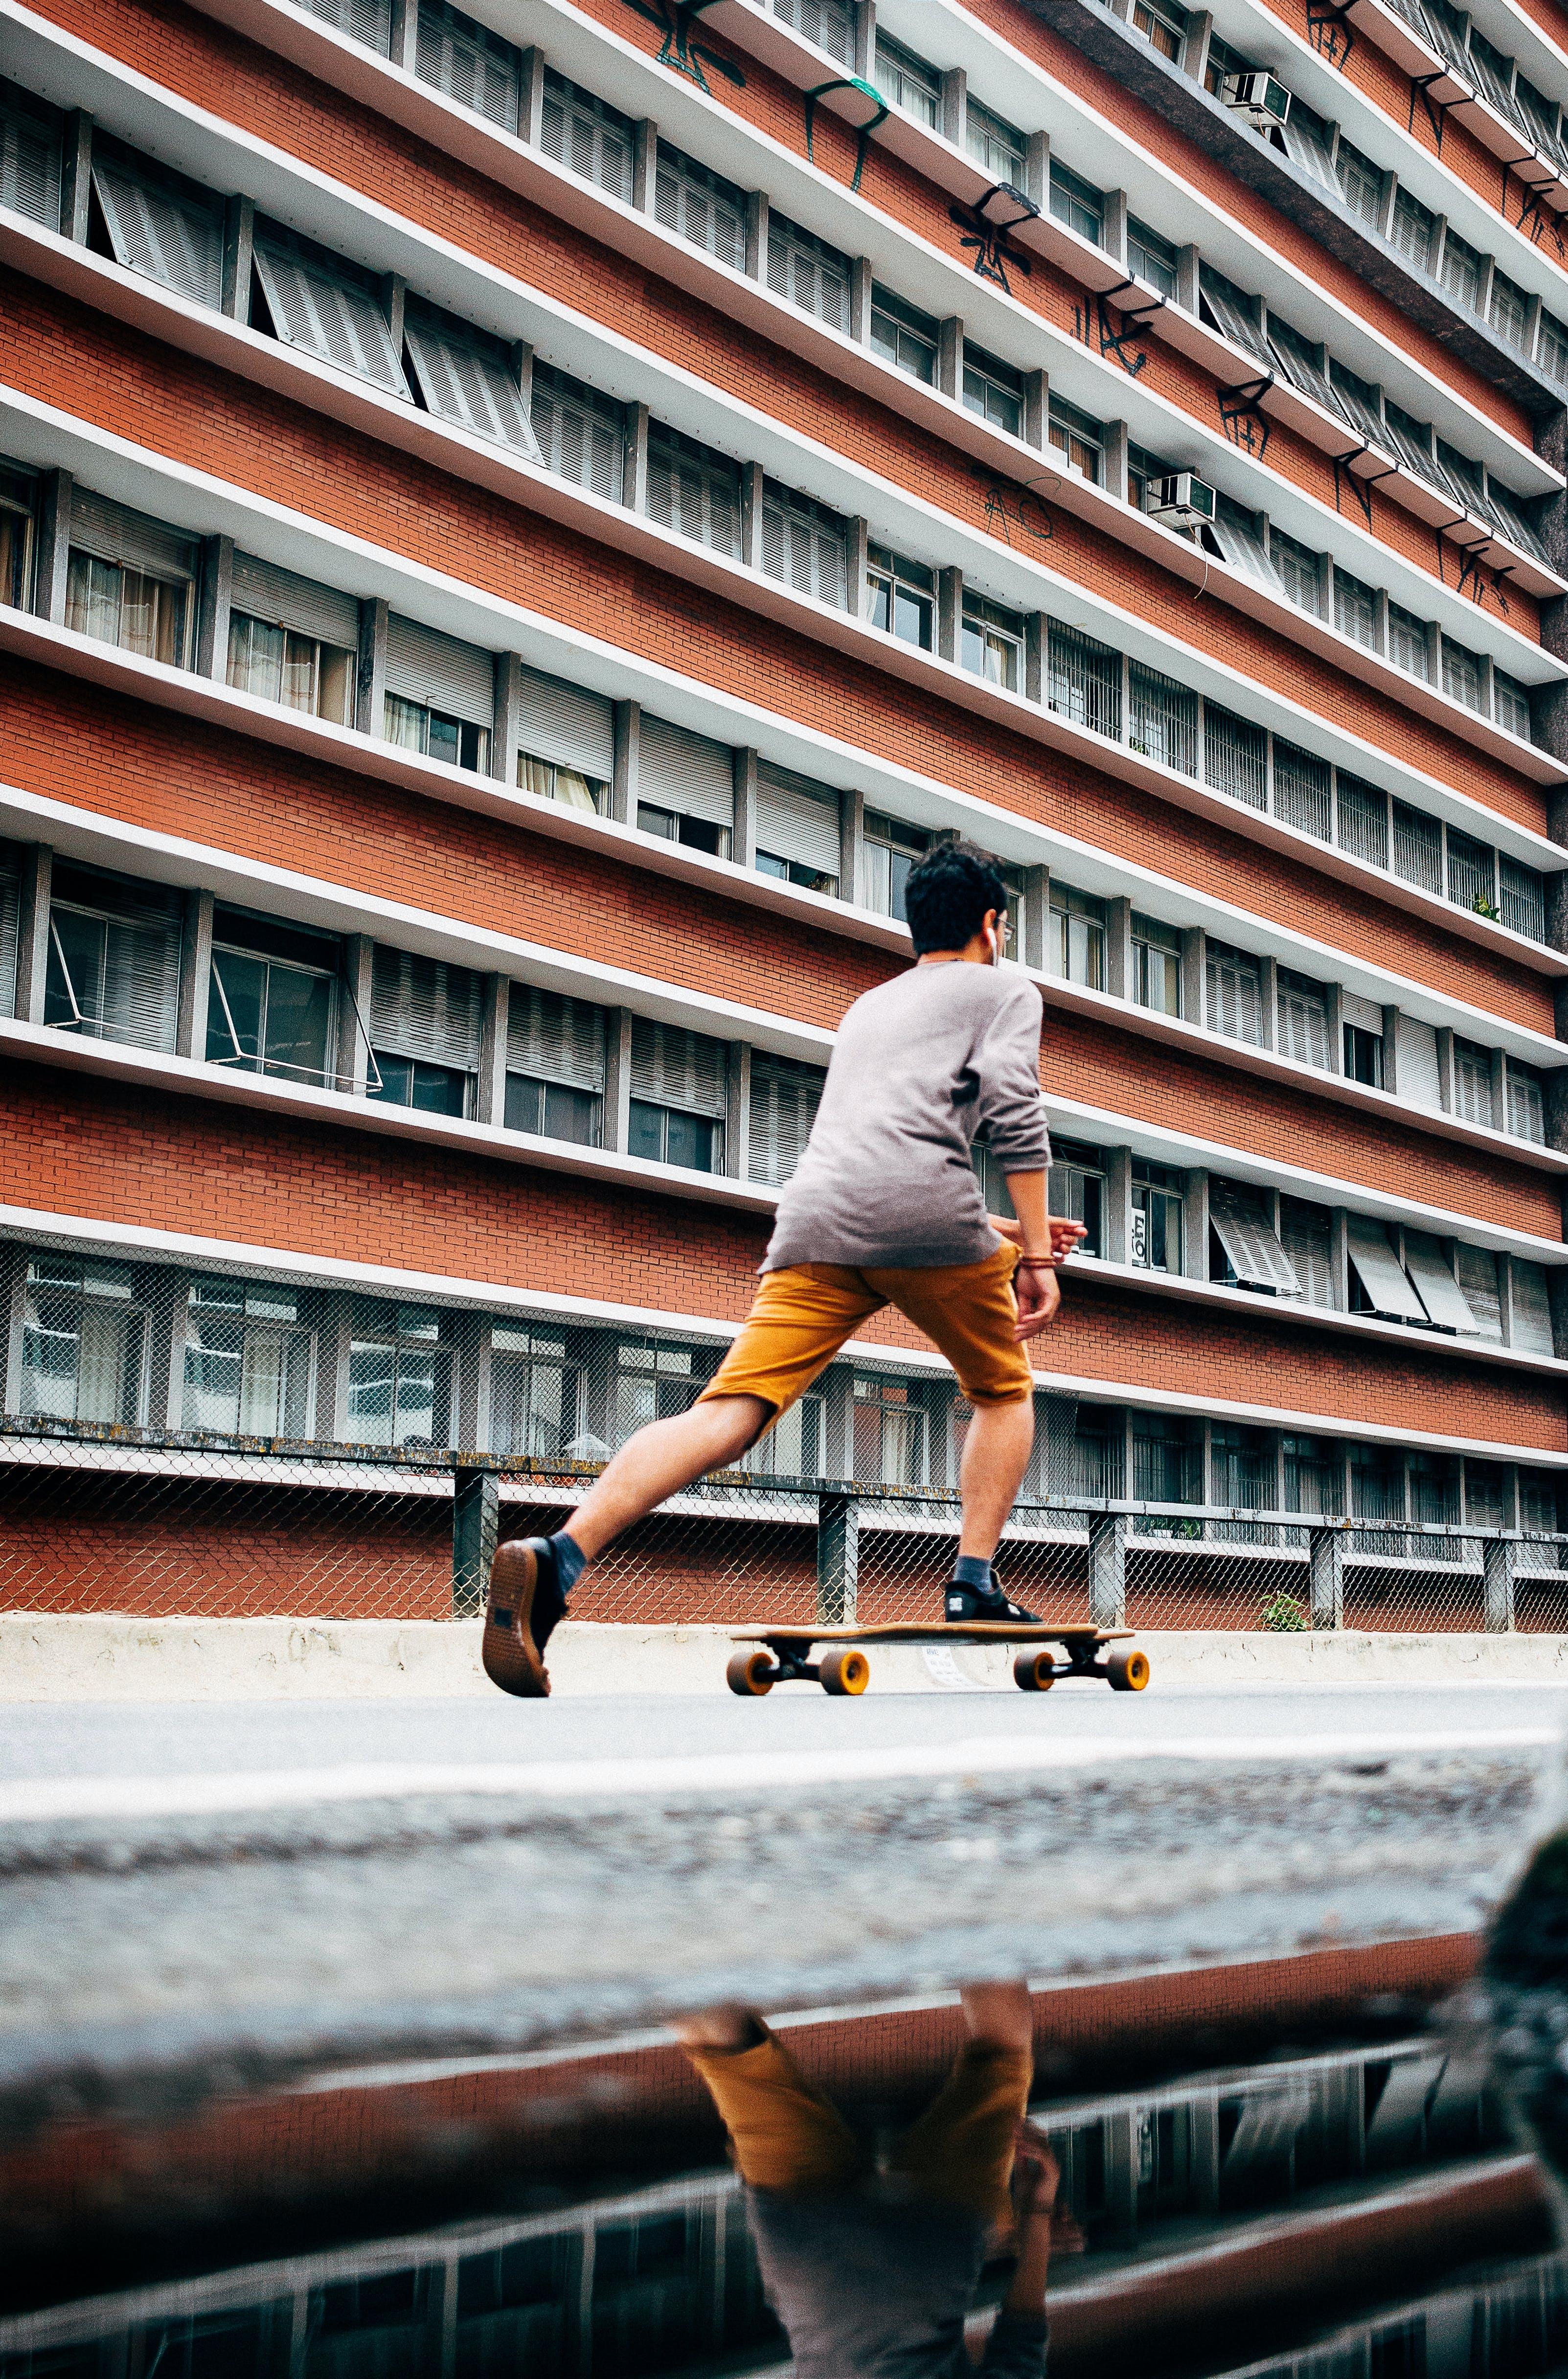 Man Skating